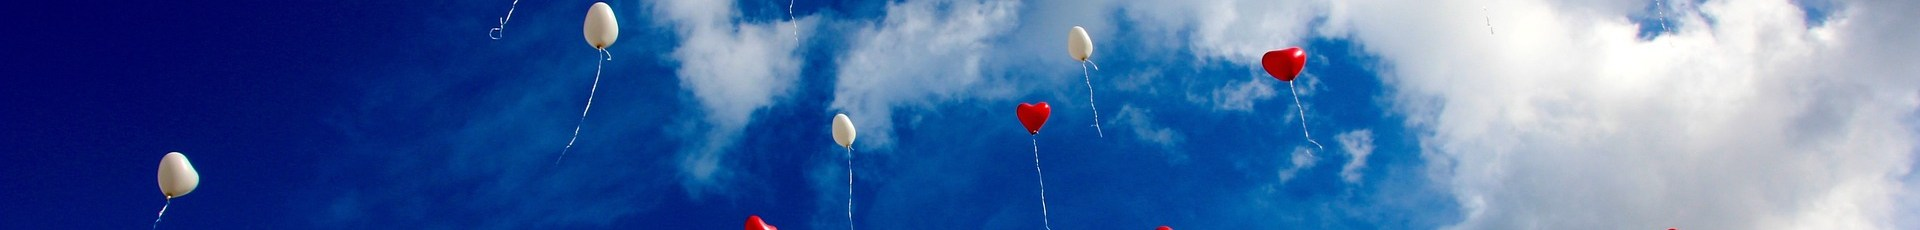 Cria as tuas intenções: Liberta-te em Amor